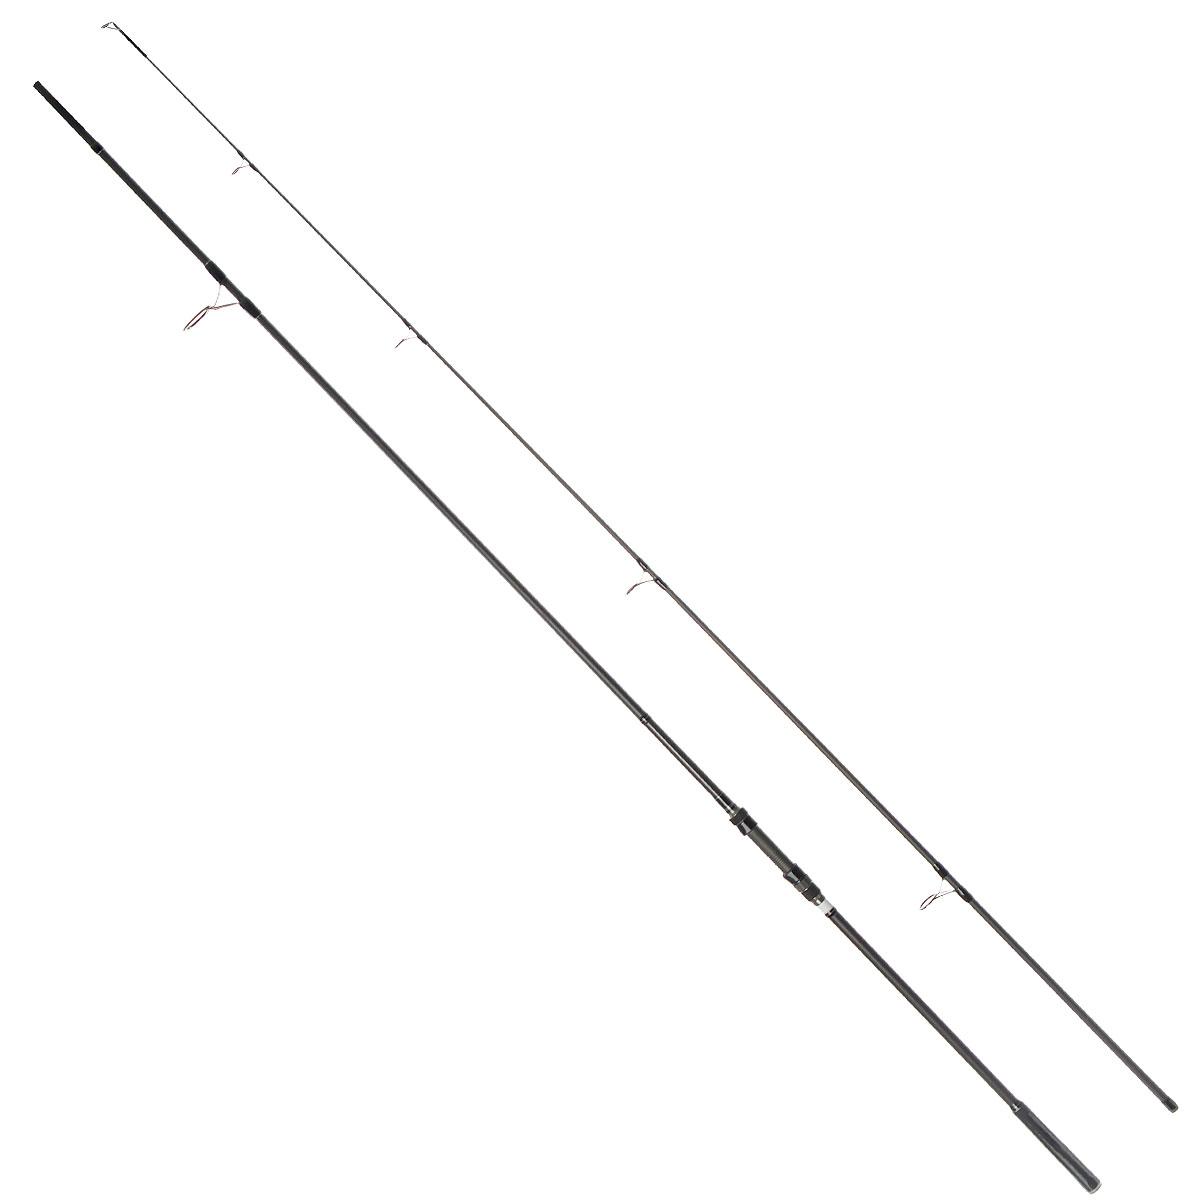 Удилище карповое Daiwa Windcast Carp, 3,9 м, 3,75 lbs0031548Daiwa Windcast Carp - это высококлассное карповое удилище с феноменальными рабочими характеристиками. Особенности удилища: Бланки из высокомодульного графита обеспечивают высокую чувствительность и мощность. Армирующая графитовая оплетка по всей длине. Надежный катушкодержатель от Fuji Пропускные кольца со вставками Sic. Флуоресцентная полоска с подсветкой специально для ночной ловли. Поставляется в чехле для переноски и хранения. Тест: 3,75 lbs.